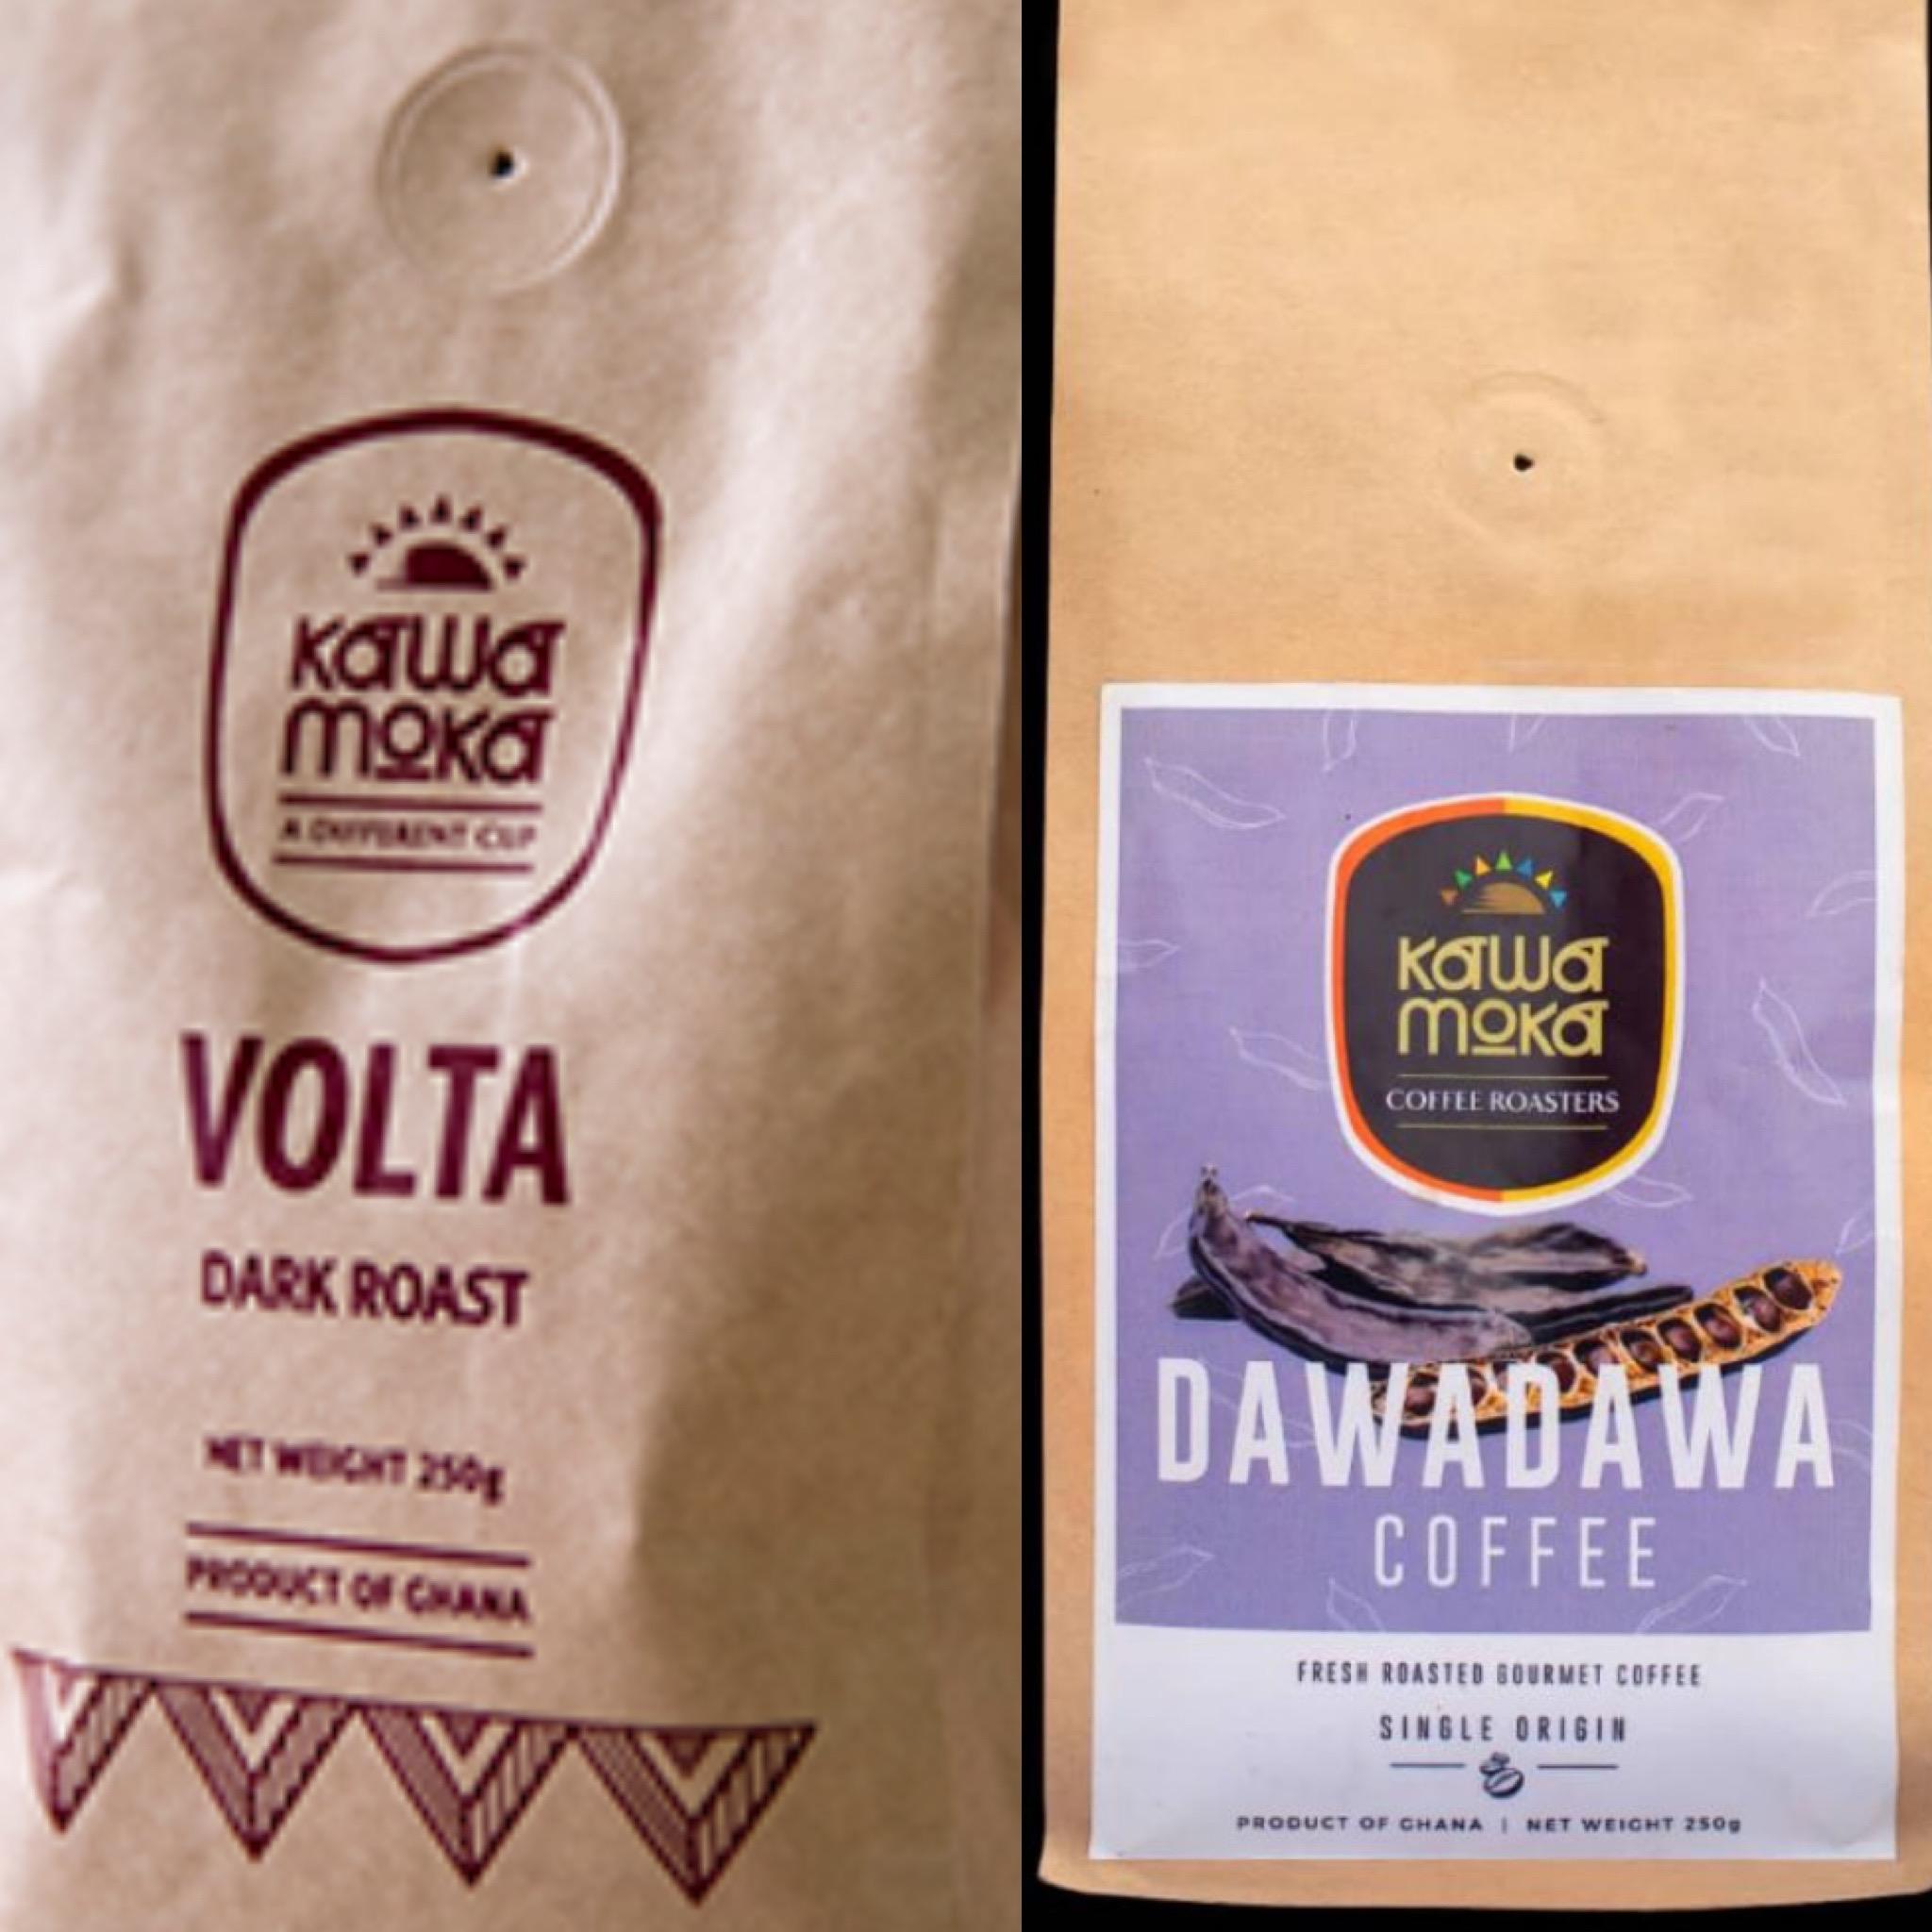 Kawa Moka coffee